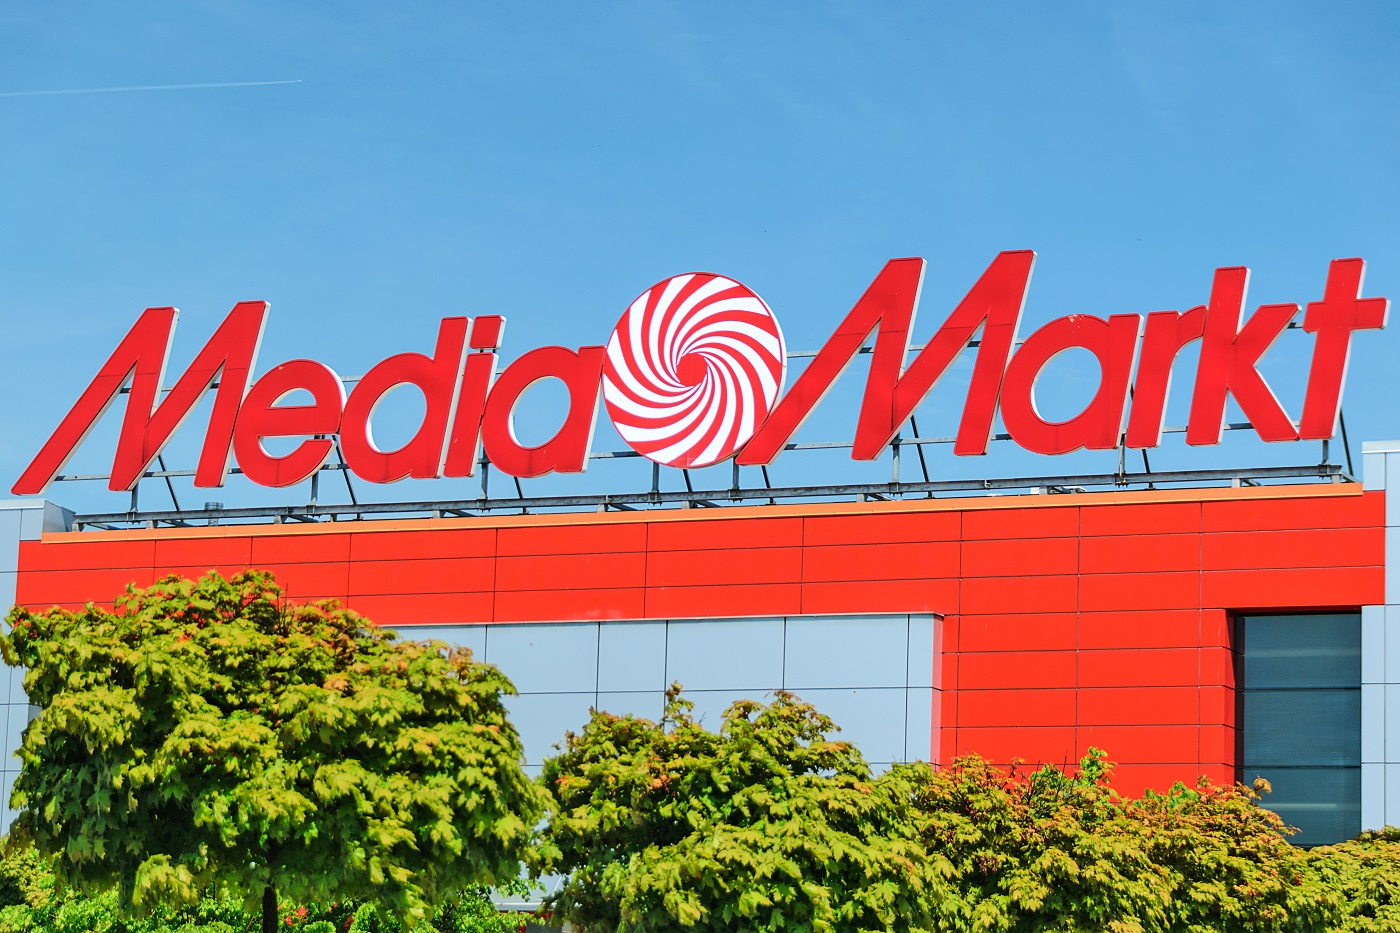 Media Markt Club Karte Geschenke.Wo Gibt Es Media Markt Gutscheine Zu Kaufen